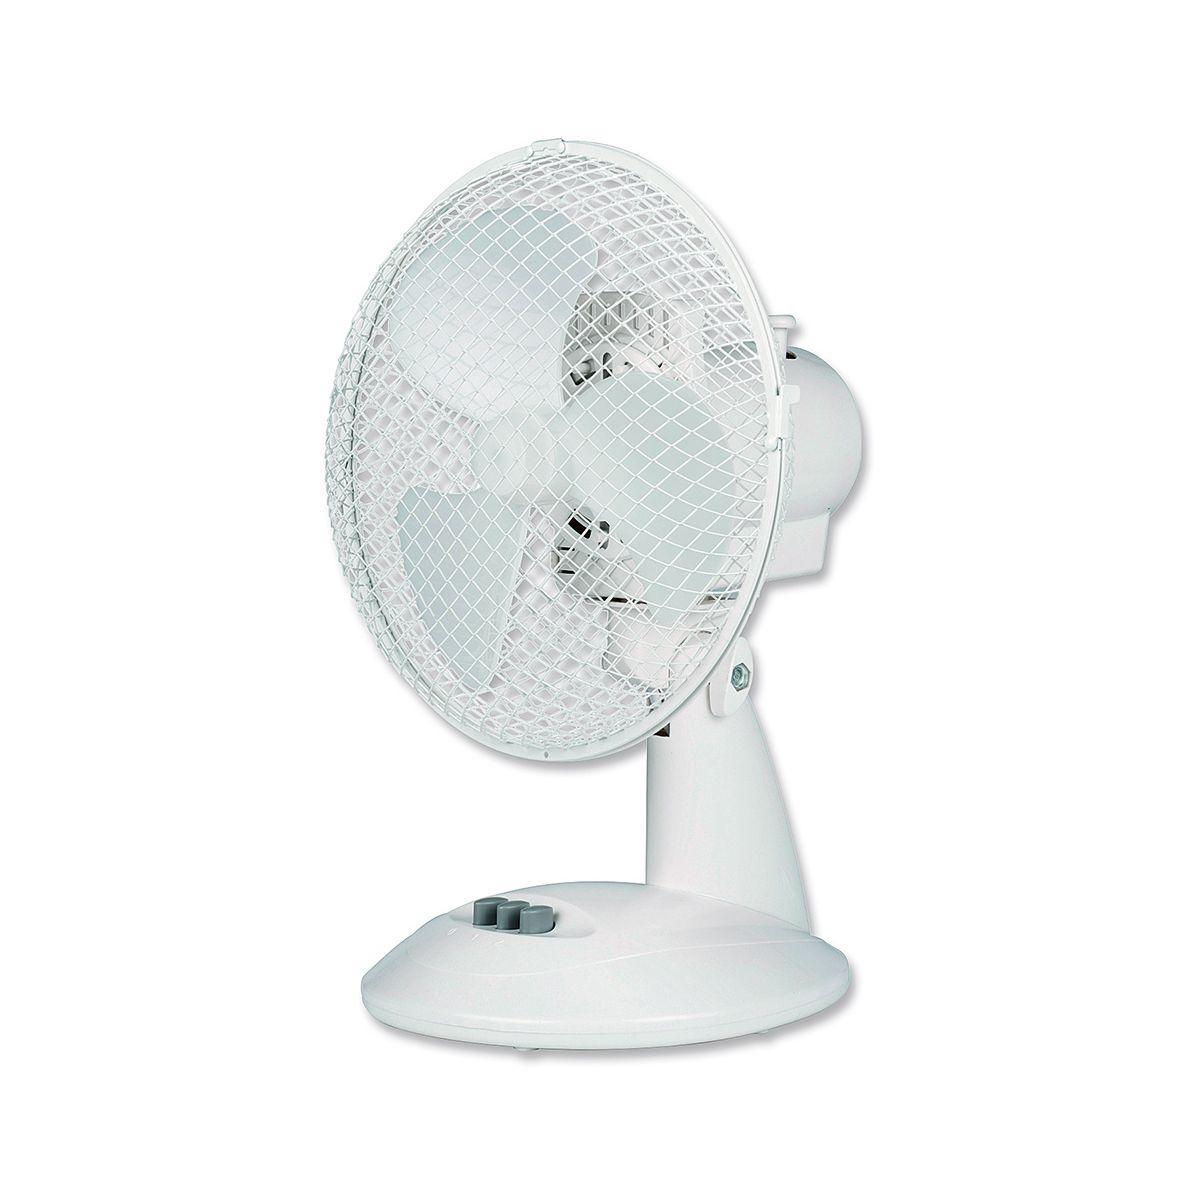 Ventilateur interieur elegance 00055 - 5% de remise imm�diate avec le code : school5 (photo)